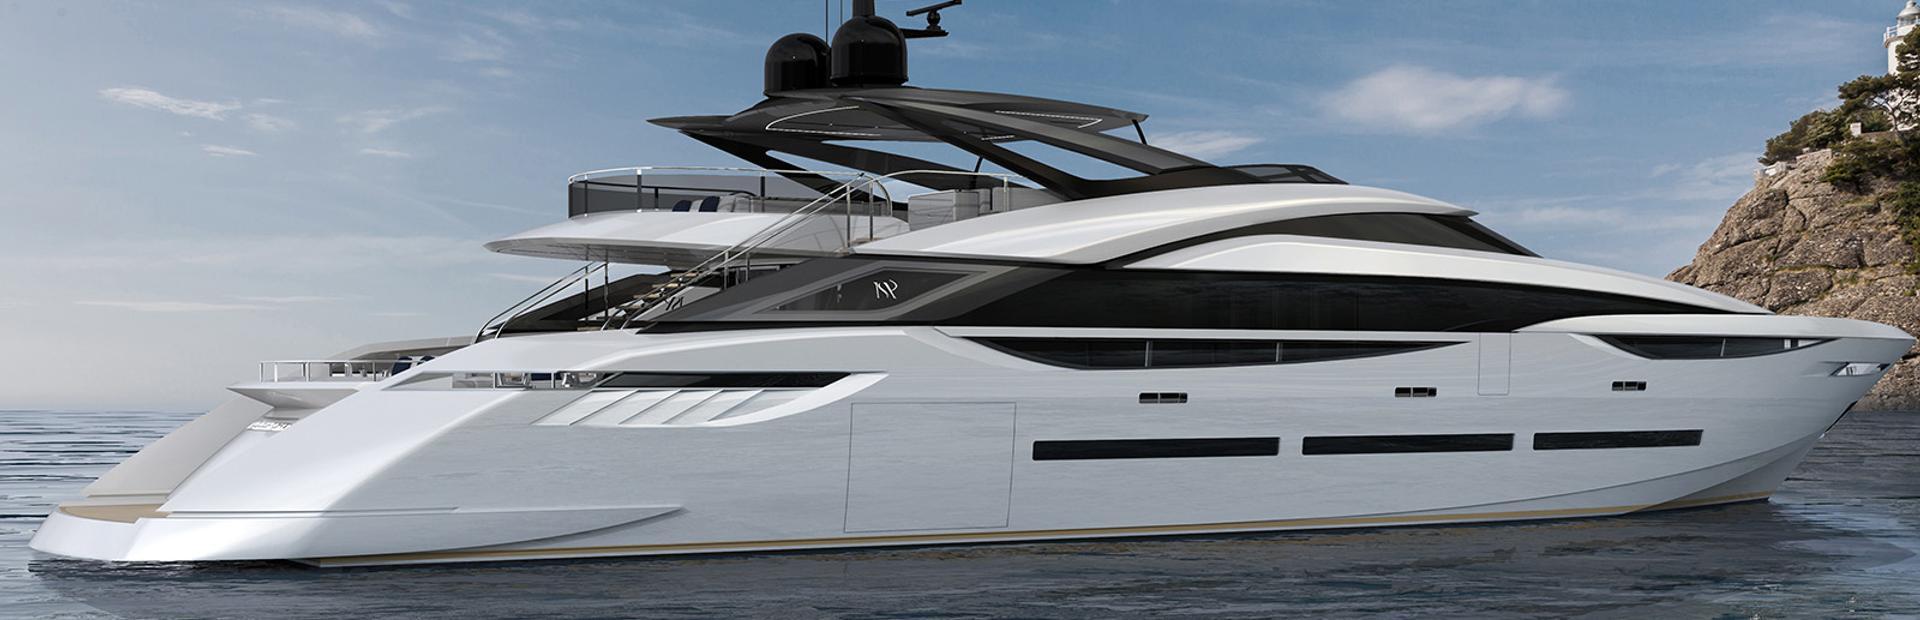 Sport 120 Yacht Charter